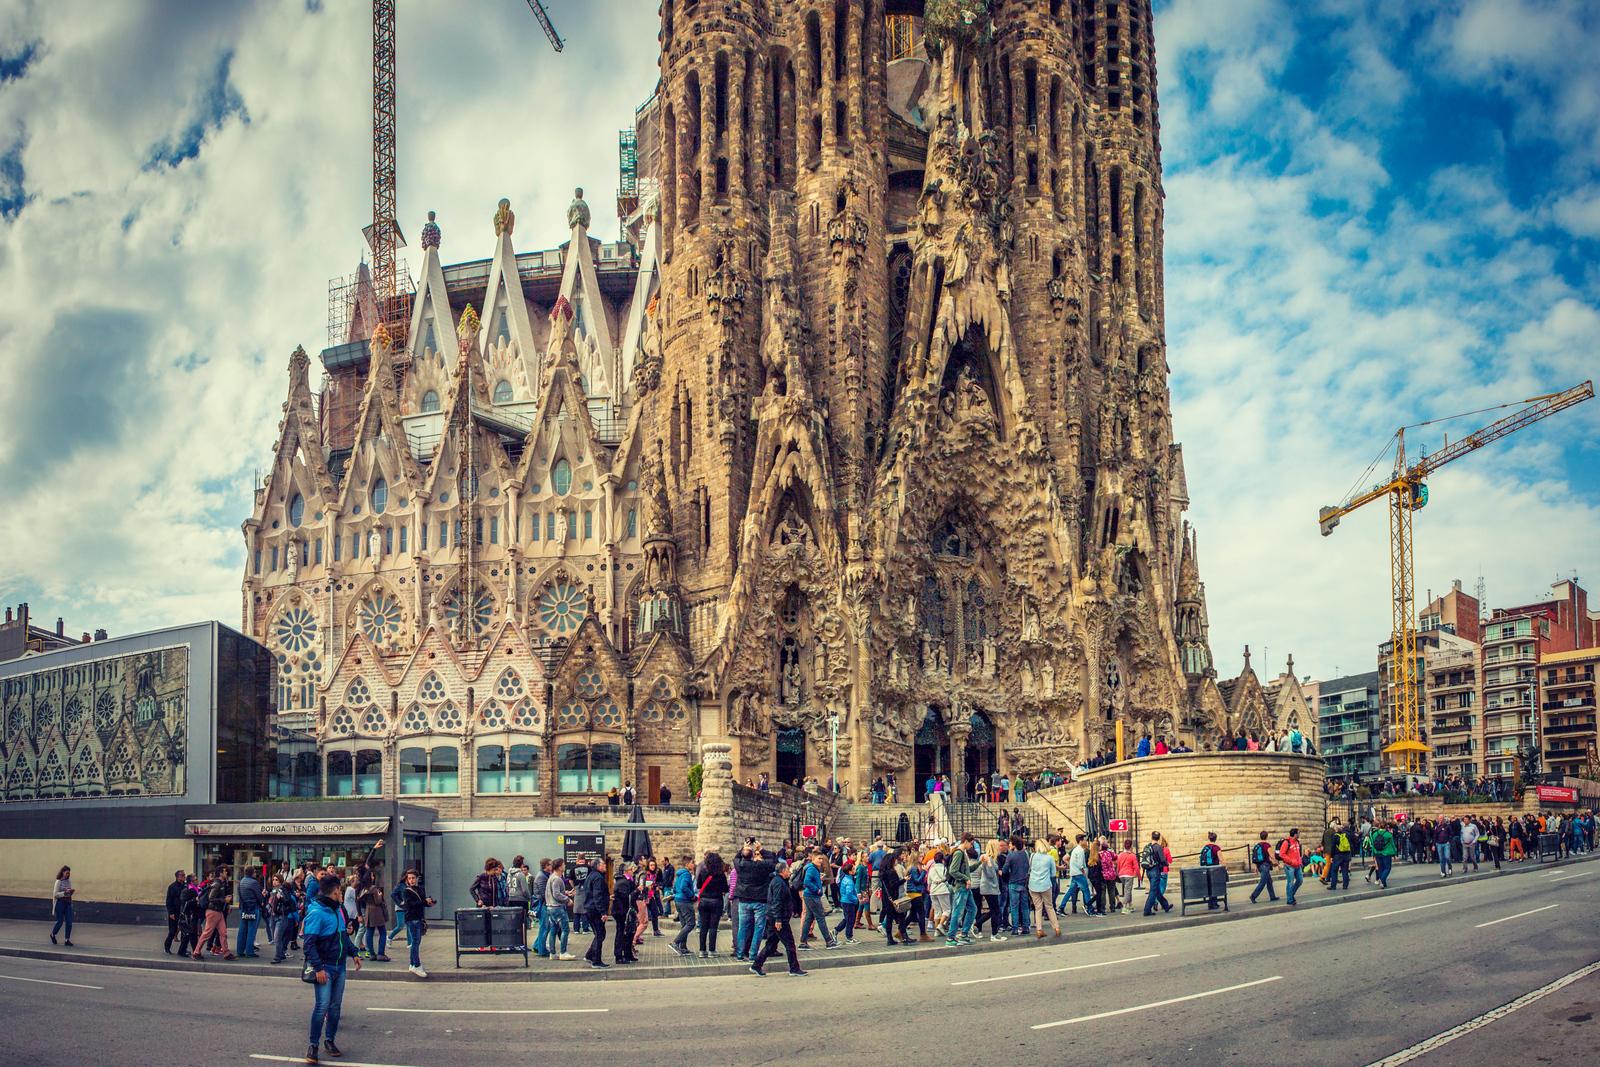 西班牙圣家堂(Sagrada Família), 全景加近景